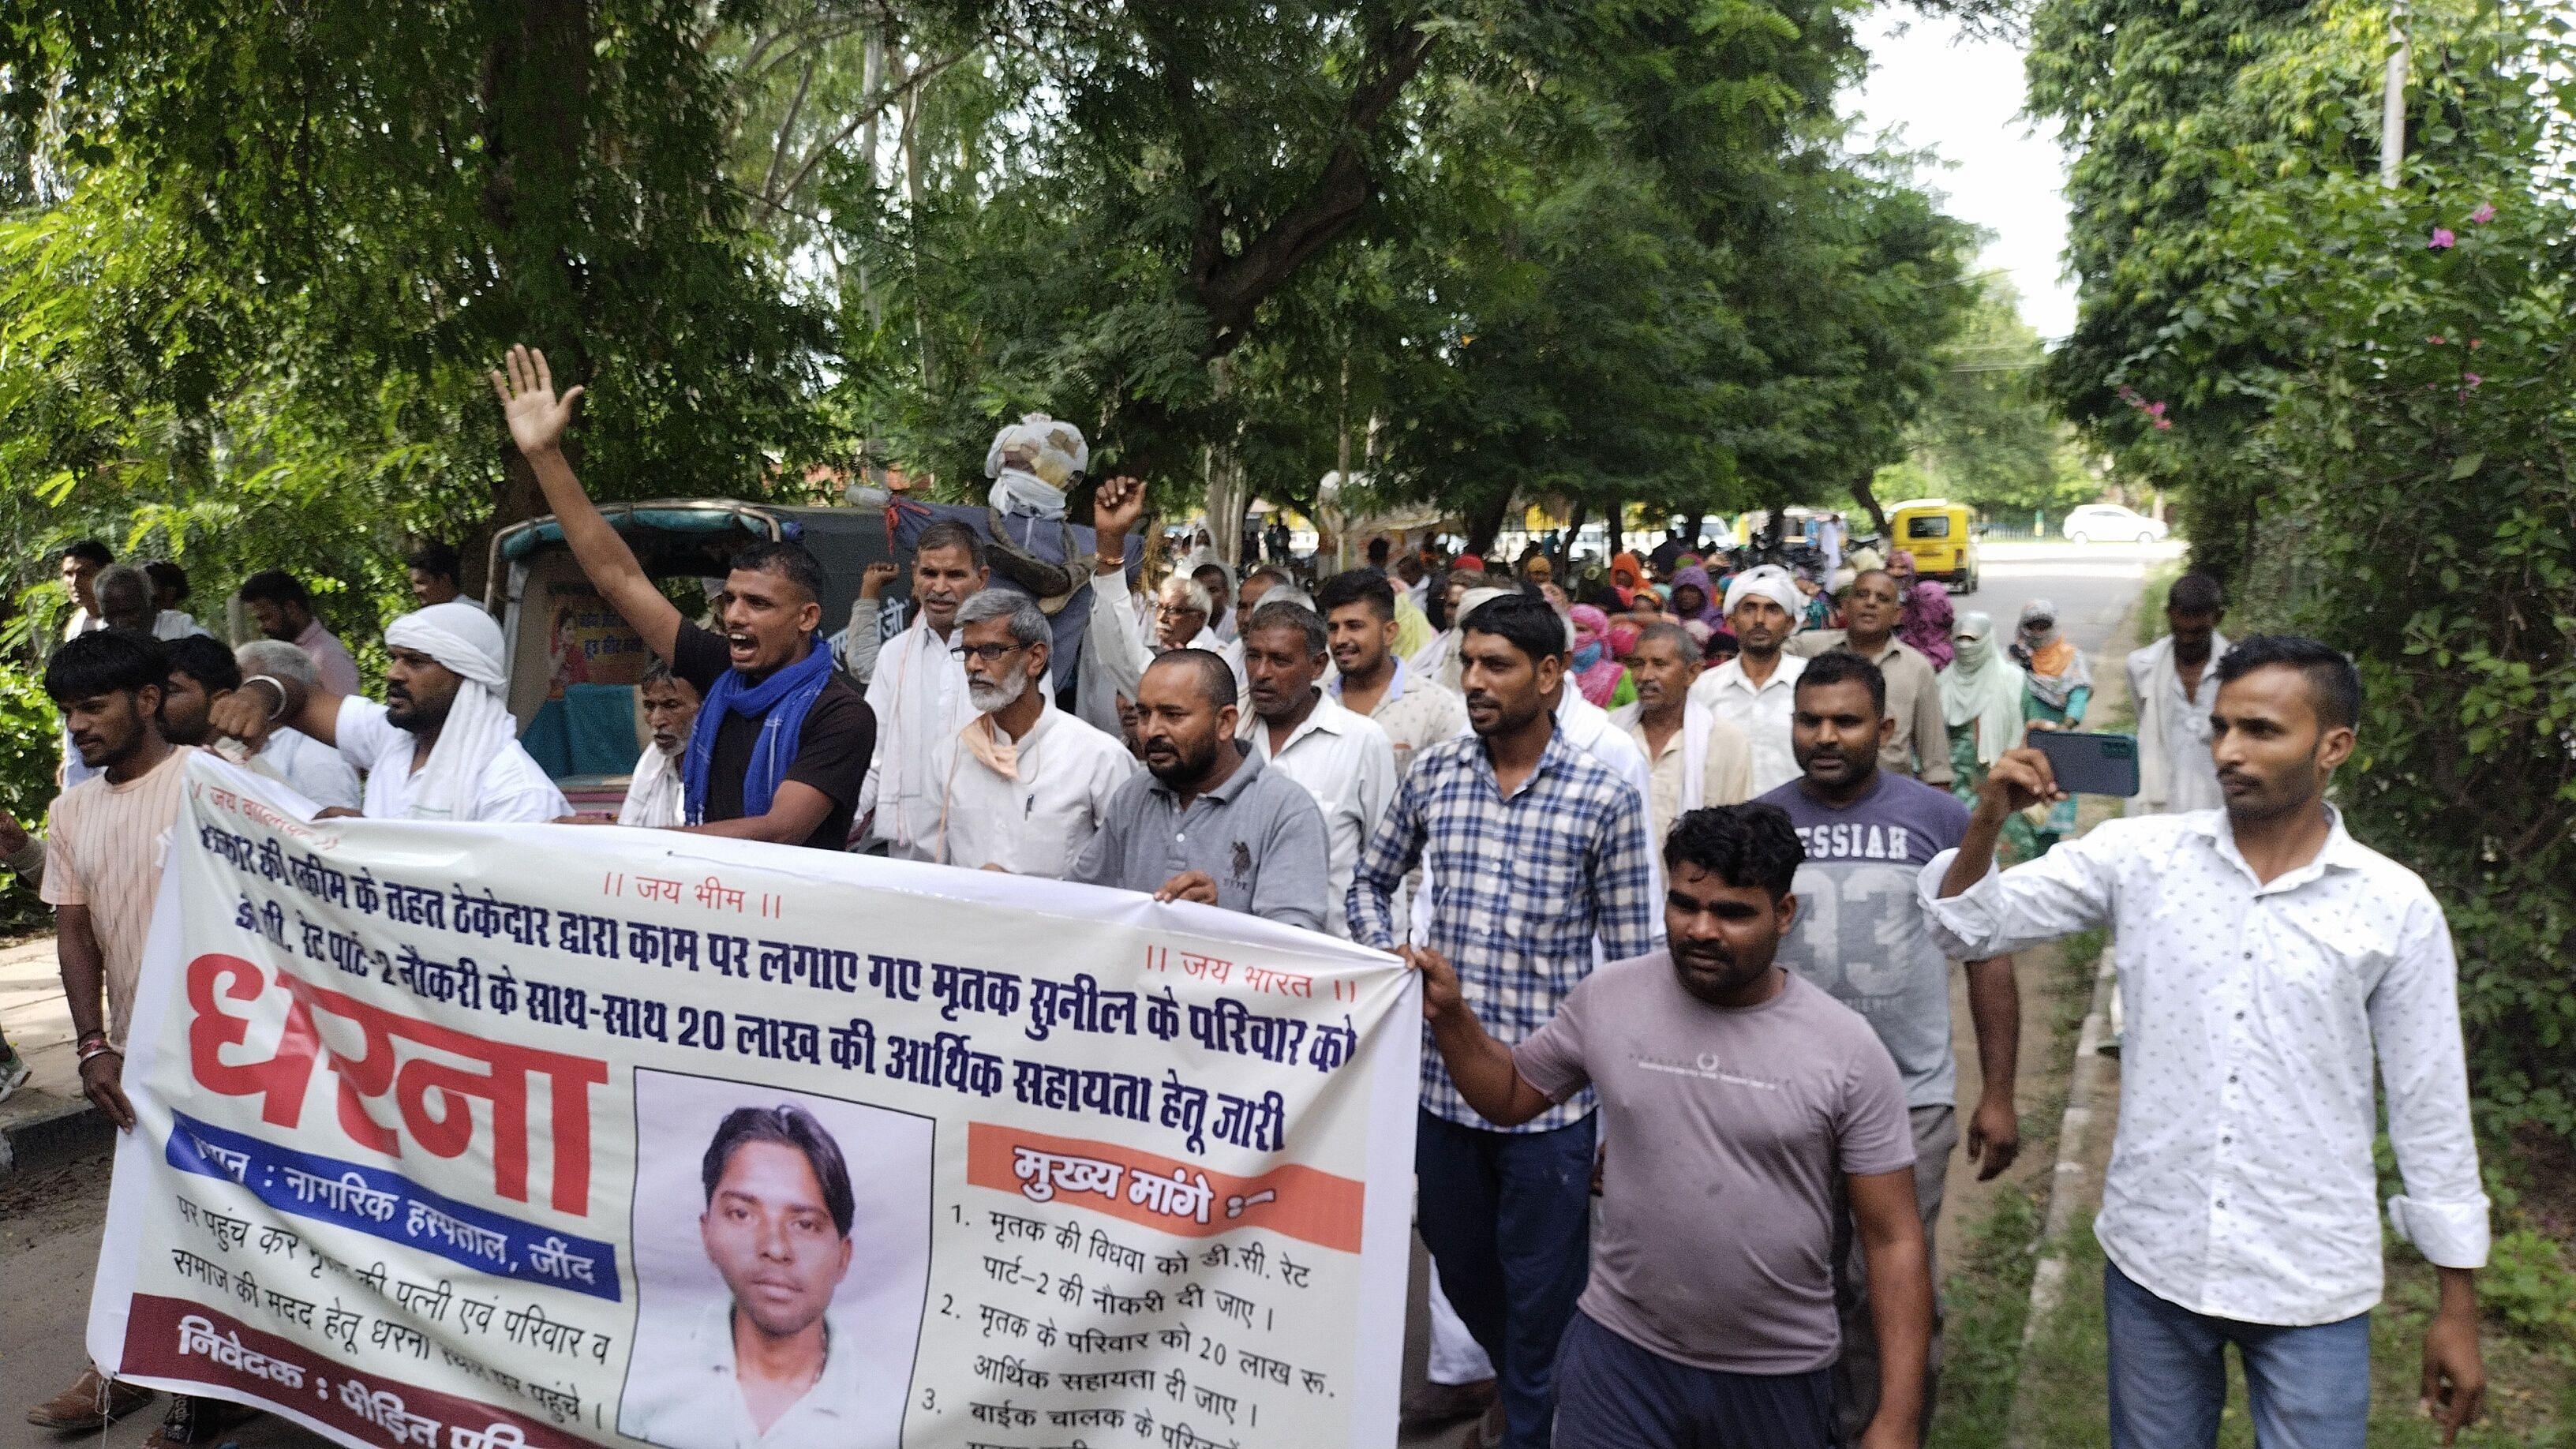 प्रदेश सरकार के खिलाफ नारेबाजी करते मृतक सुनील के परिजन व अन्य लोग। संवाद